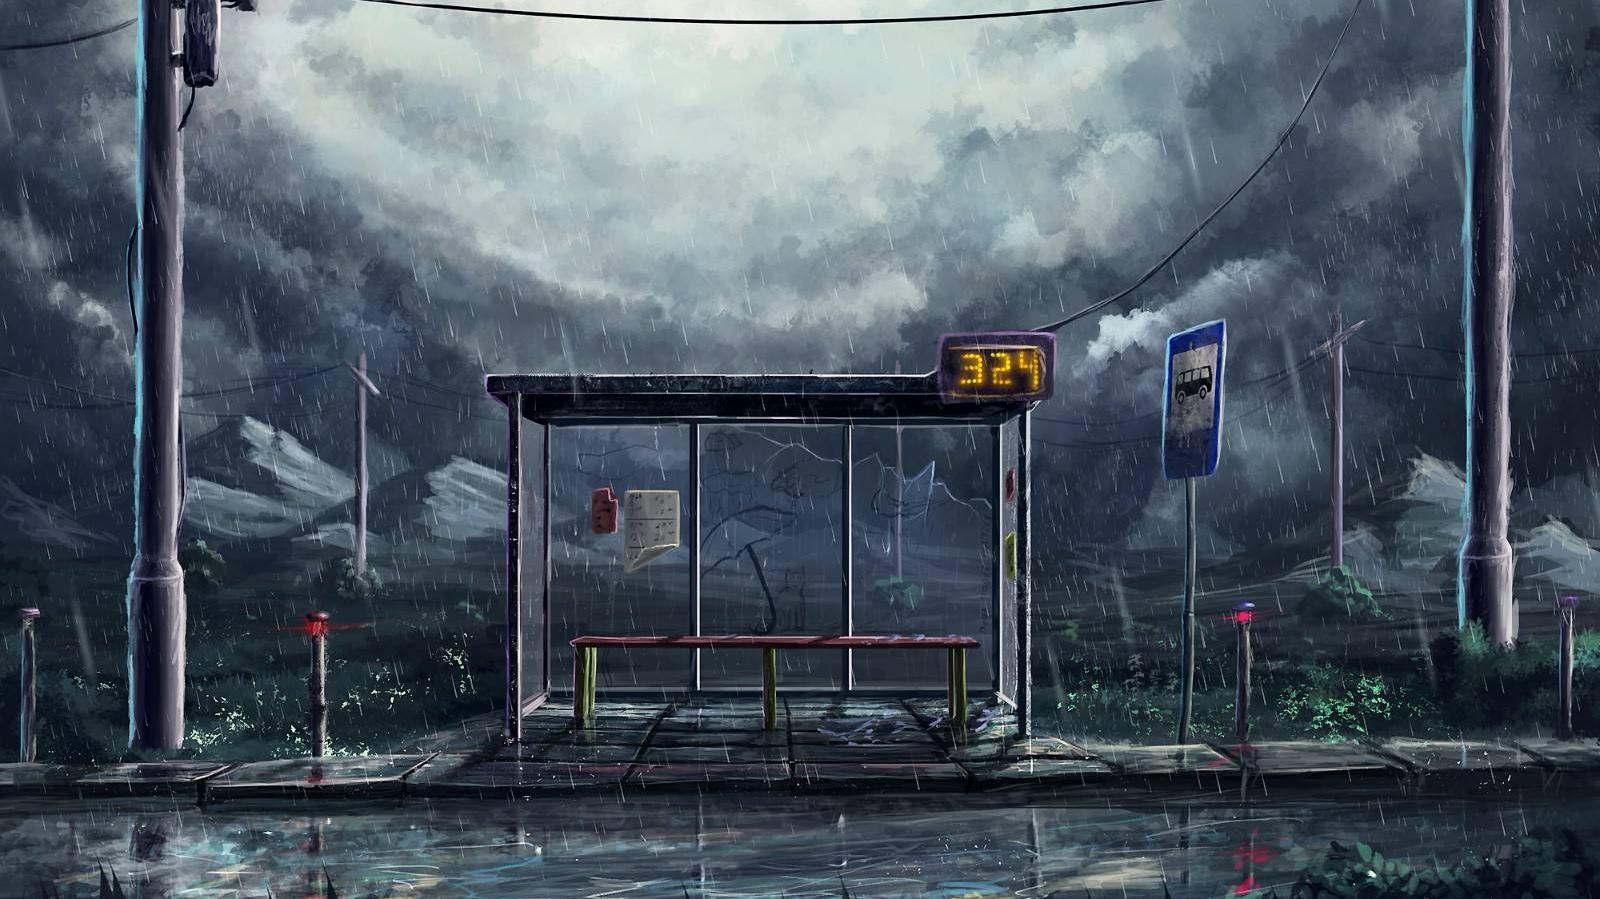 【一个小时的雨声】(放松/助眠/安静)